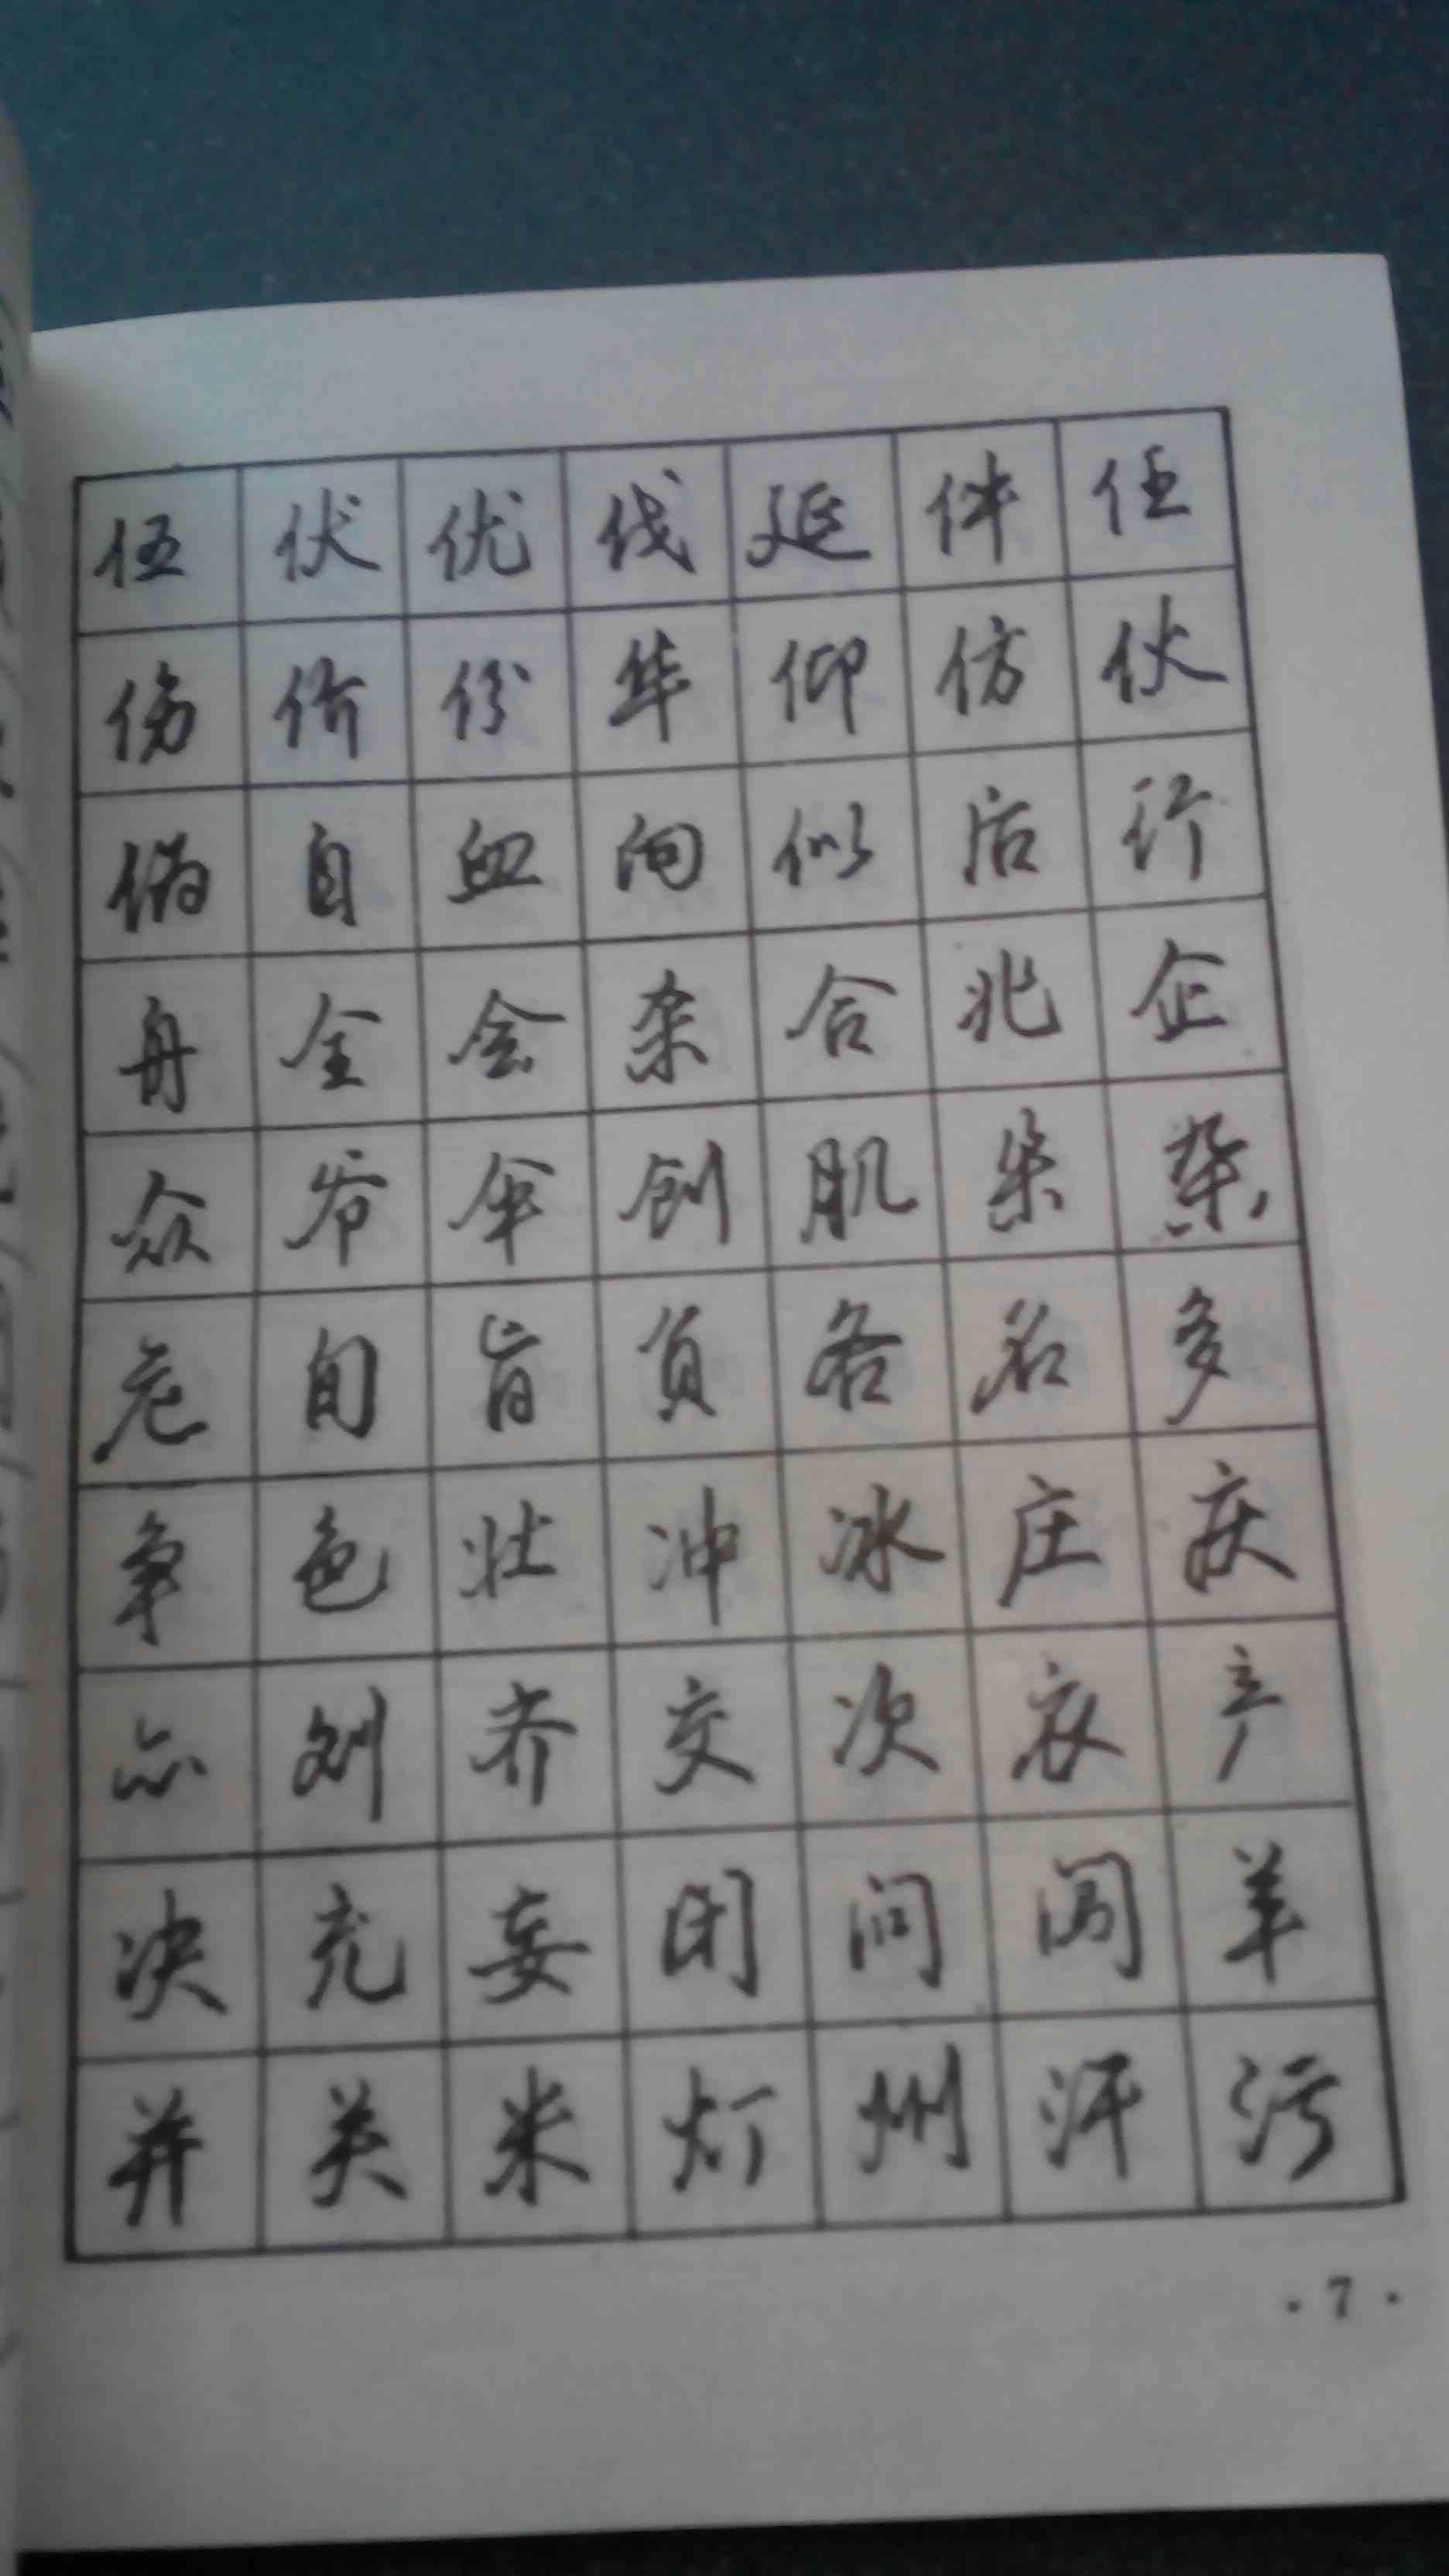 3500常用字行书钢笔字帖图片